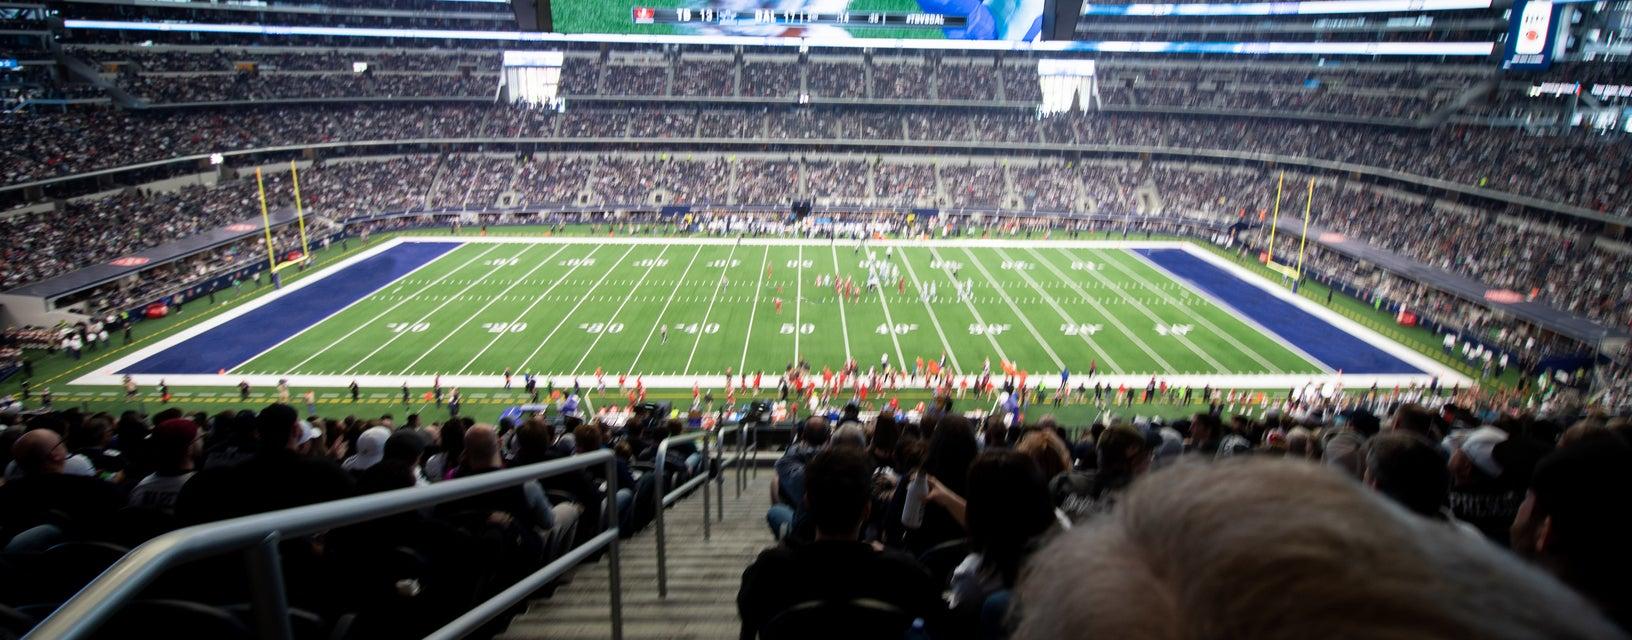 Seat view from Club Mezzanine